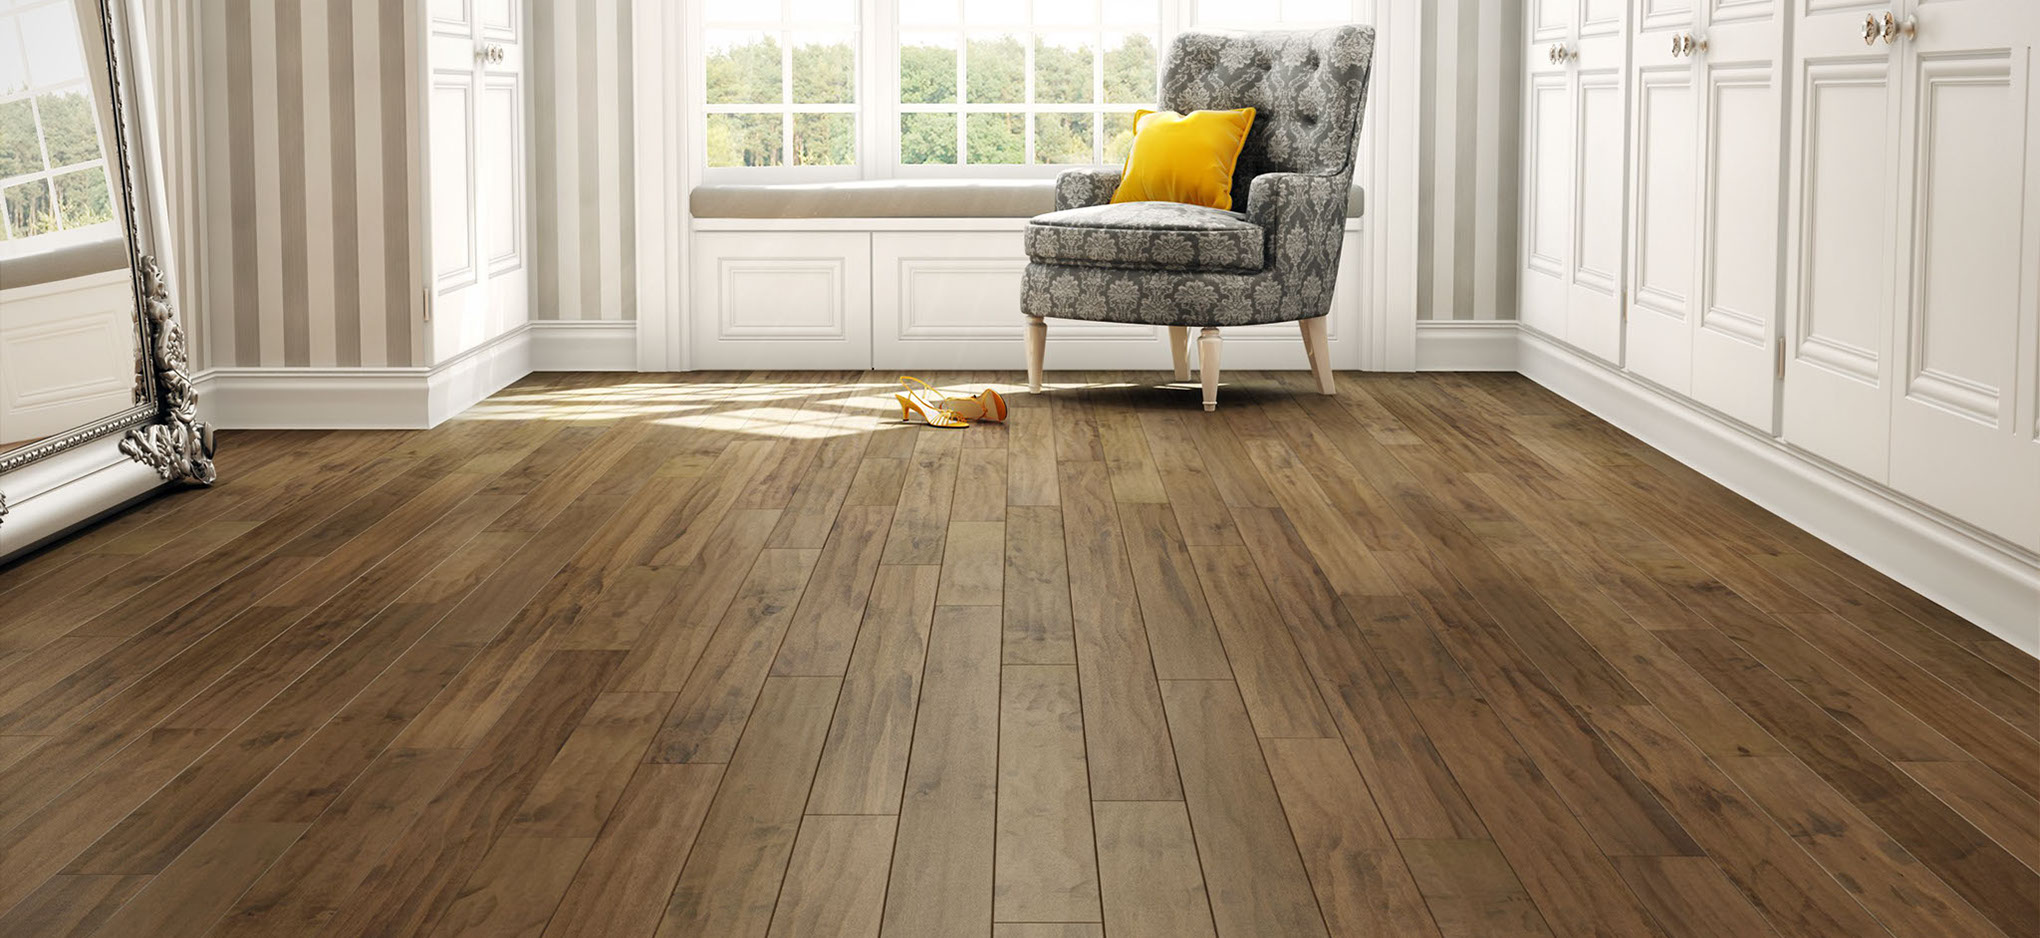 target wood floors